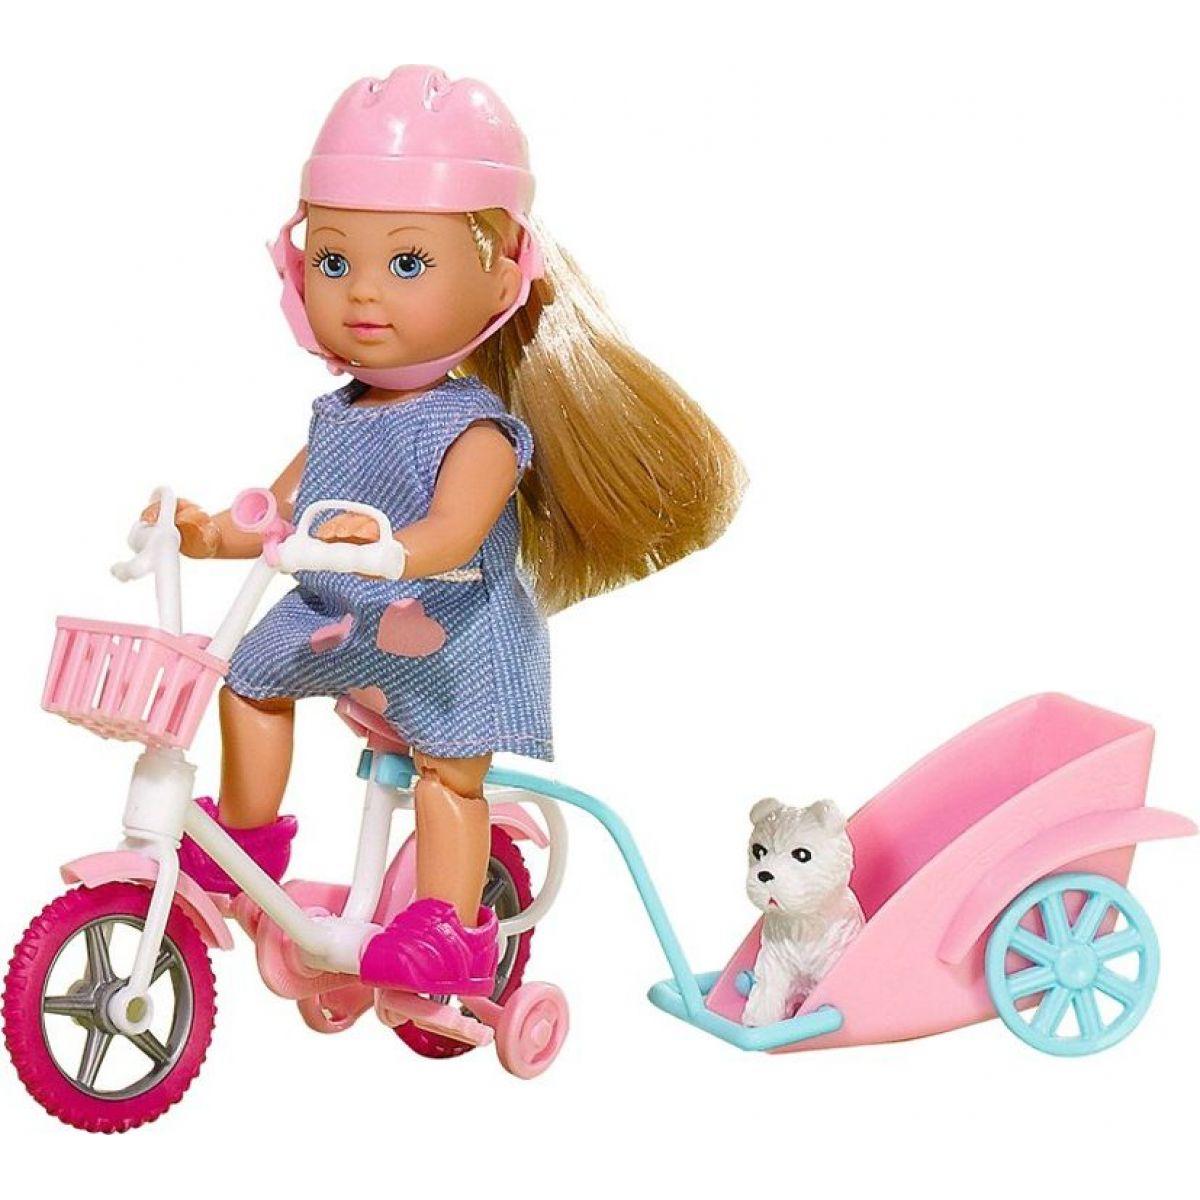 Evi Love Panenka Evička na kole s vozíkem šaty